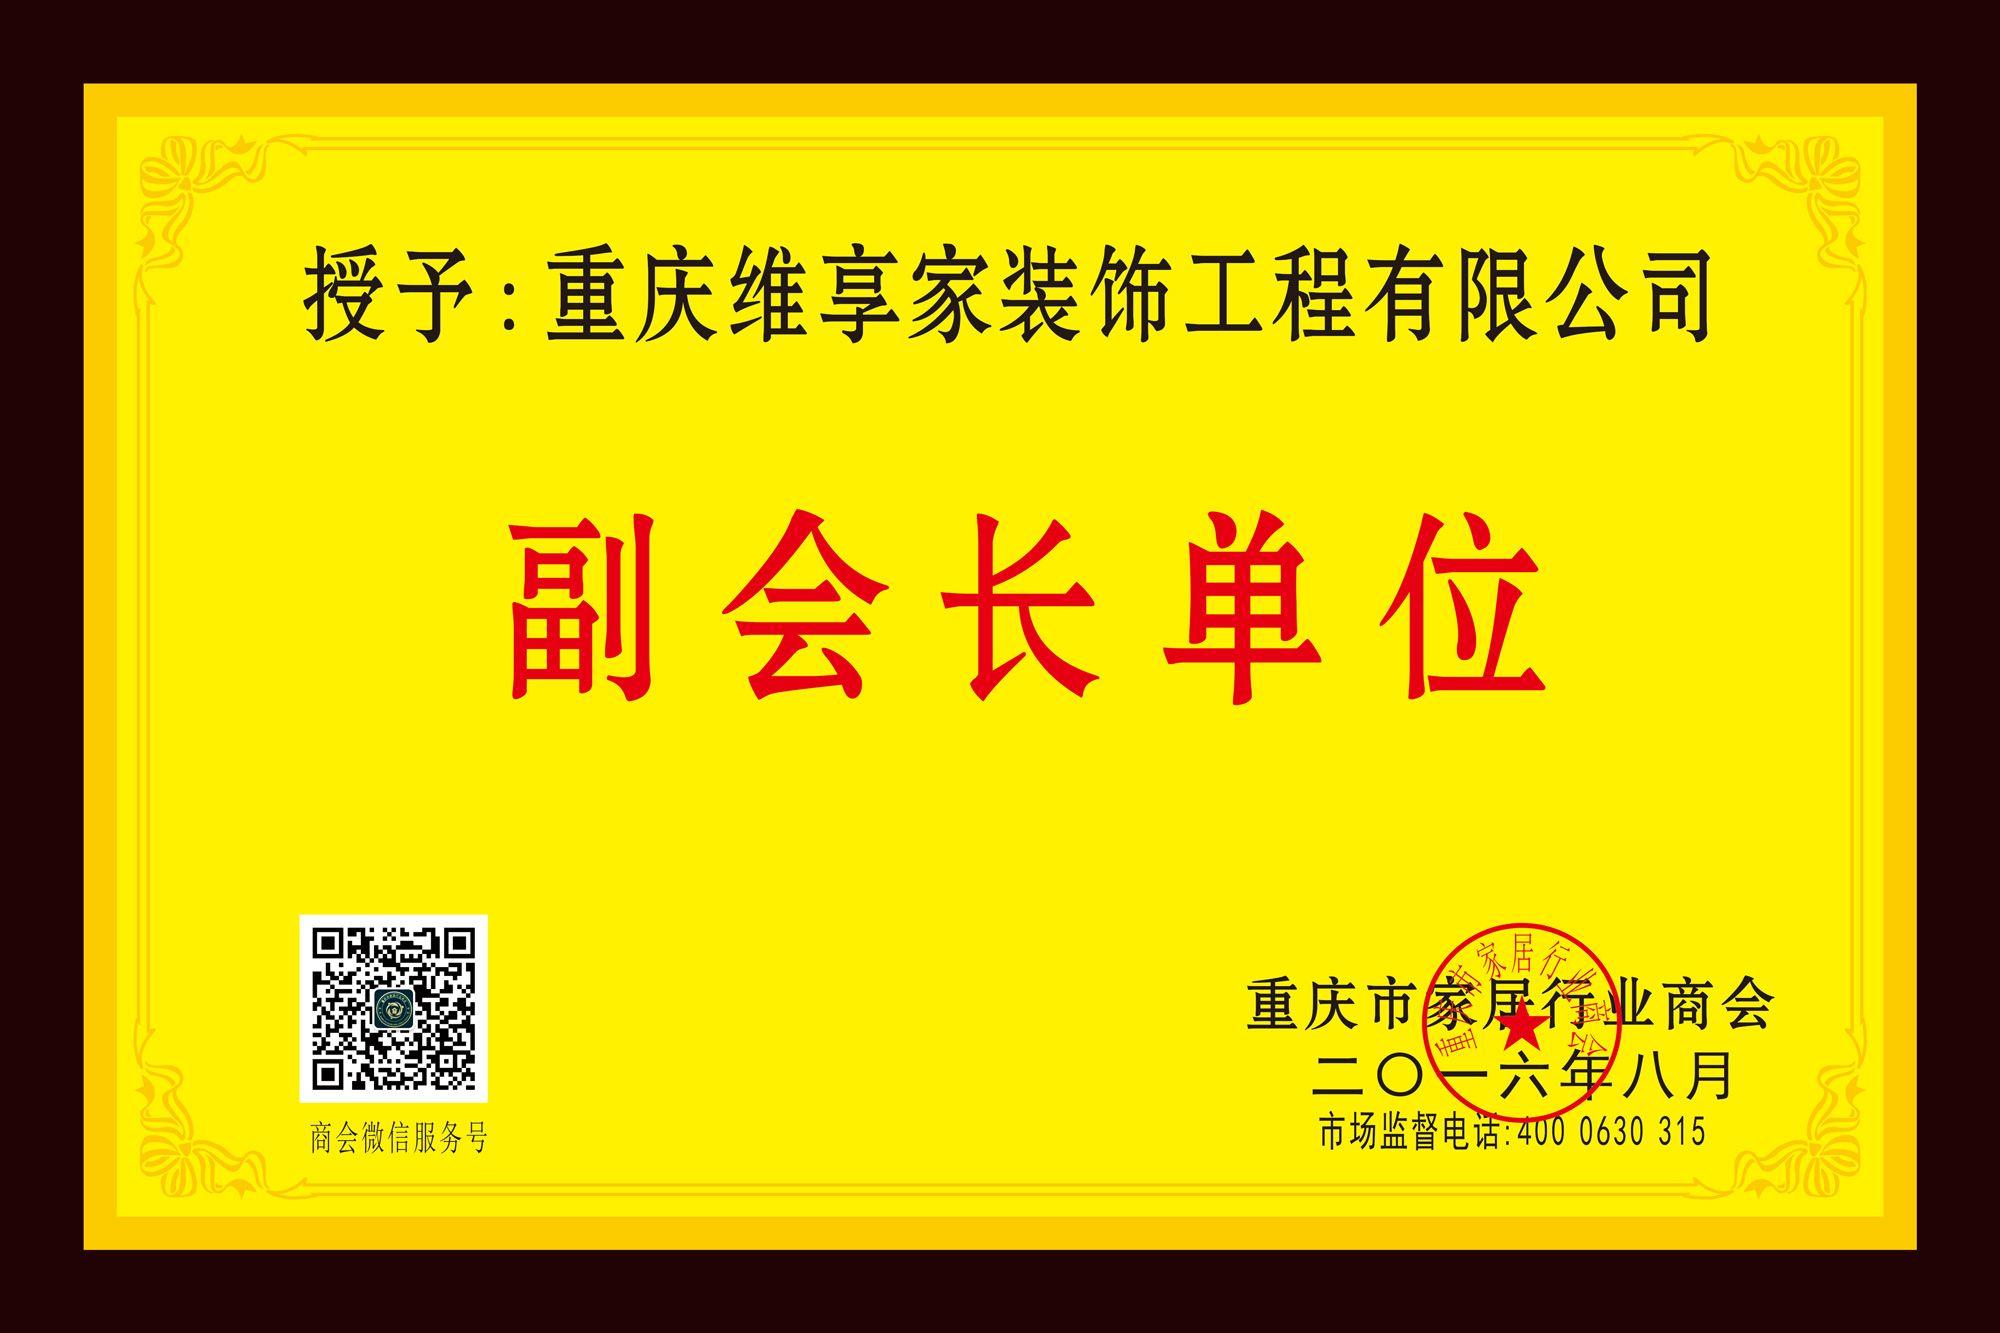 重庆维享家装饰工程有限公司营业执照